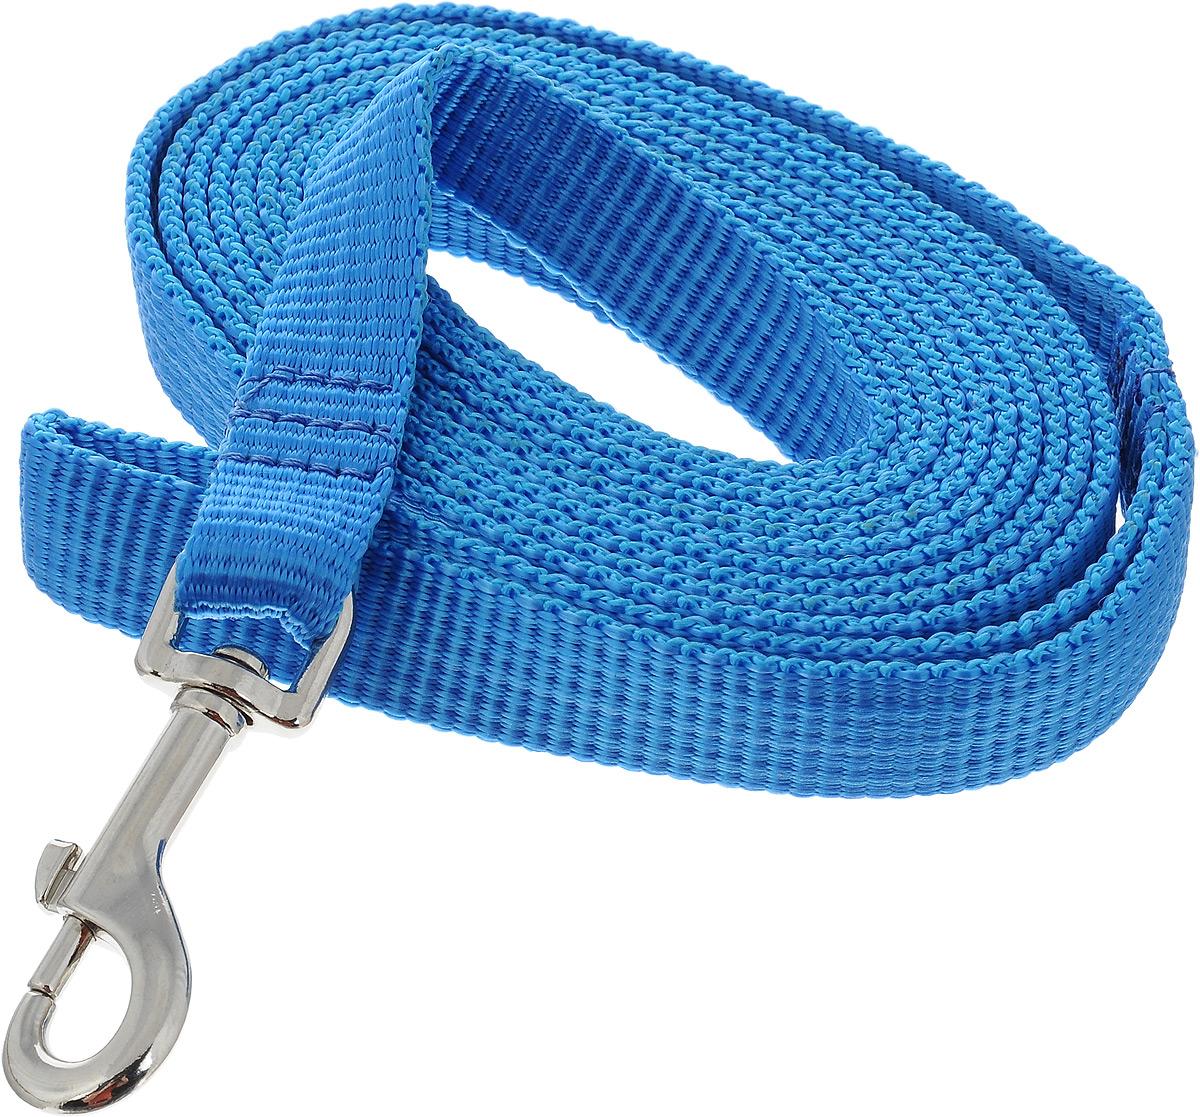 Поводок капроновый для собак Аркон, цвет: голубой, ширина 2 см, длина 3 м101246Поводок для собак Аркон изготовлен из высококачественного цветного капрона и снабжен металлическим карабином. Изделие отличается не только исключительной надежностью и удобством, но и привлекательным современным дизайном.Поводок - необходимый аксессуар для собаки. Ведь в опасных ситуациях именно он способен спасти жизнь вашему любимому питомцу. Иногда нужно ограничивать свободу своего четвероногого друга, чтобы защитить его или себя от неприятностей на прогулке. Длина поводка: 3 м.Ширина поводка: 2 см.Уважаемые клиенты! Обращаем ваше внимание на то, что товар может содержать светодиодную ленту.